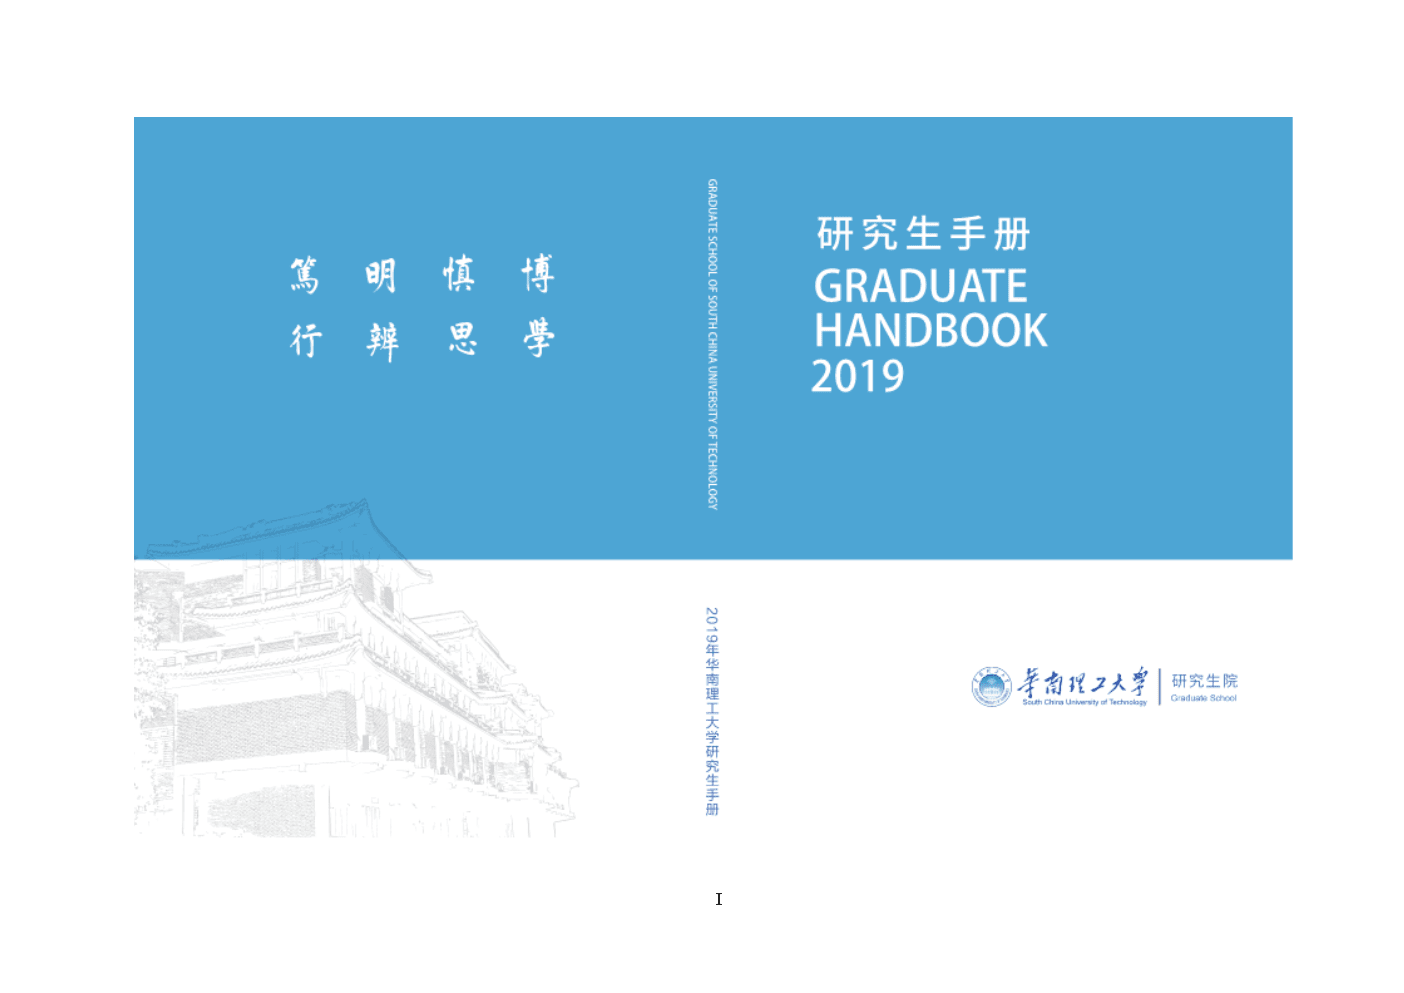 华南理工大学研究生手册.docx